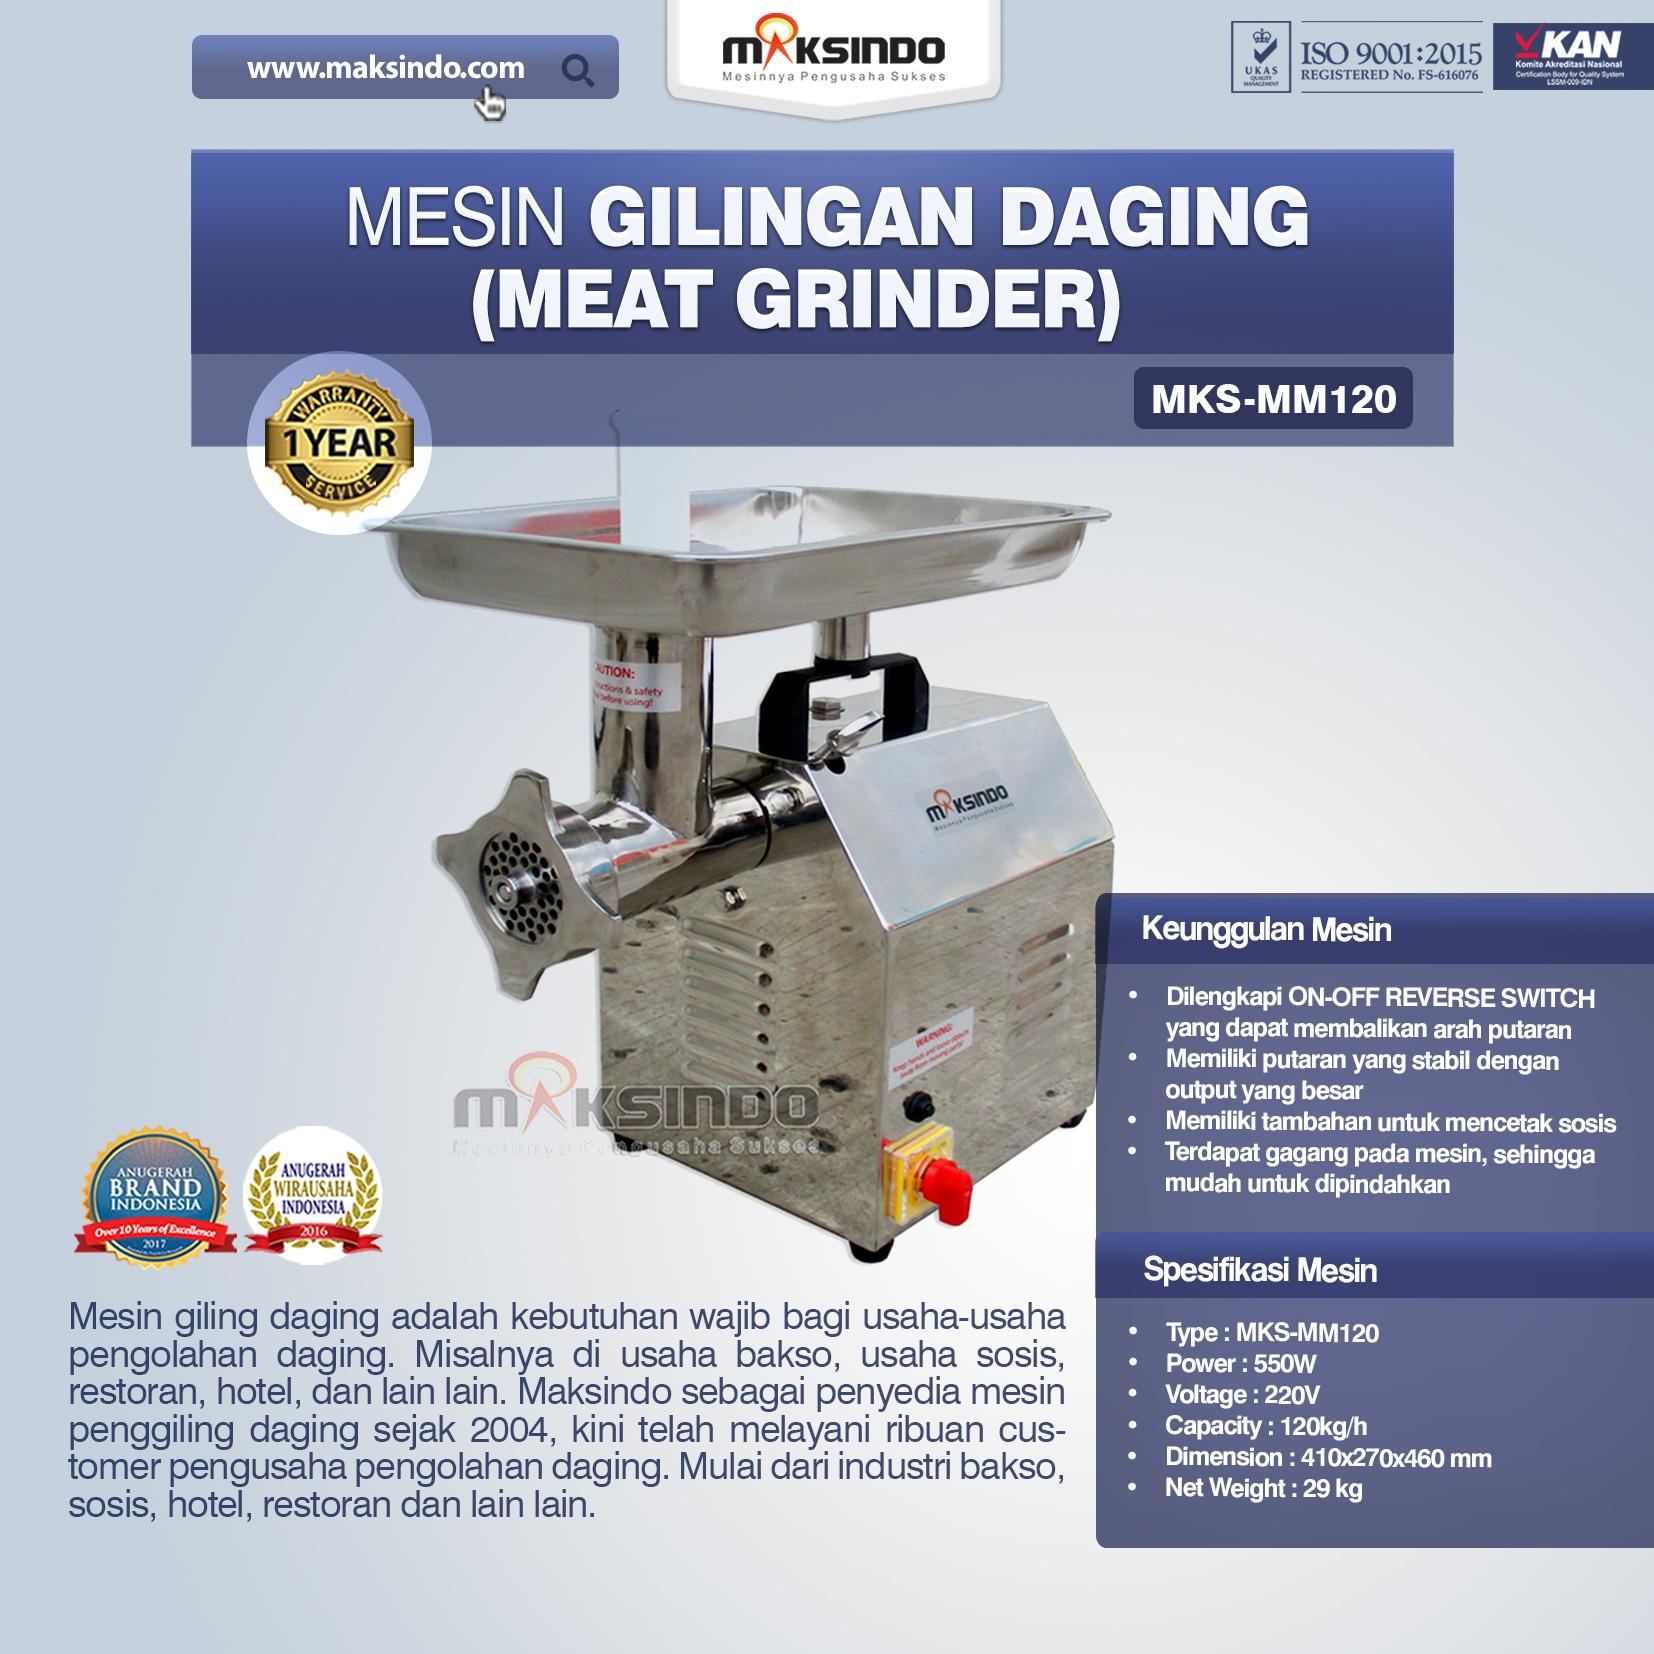 Jual Mesin Giling Daging (Meat Grinder) MKS-MM120 di Jakarta